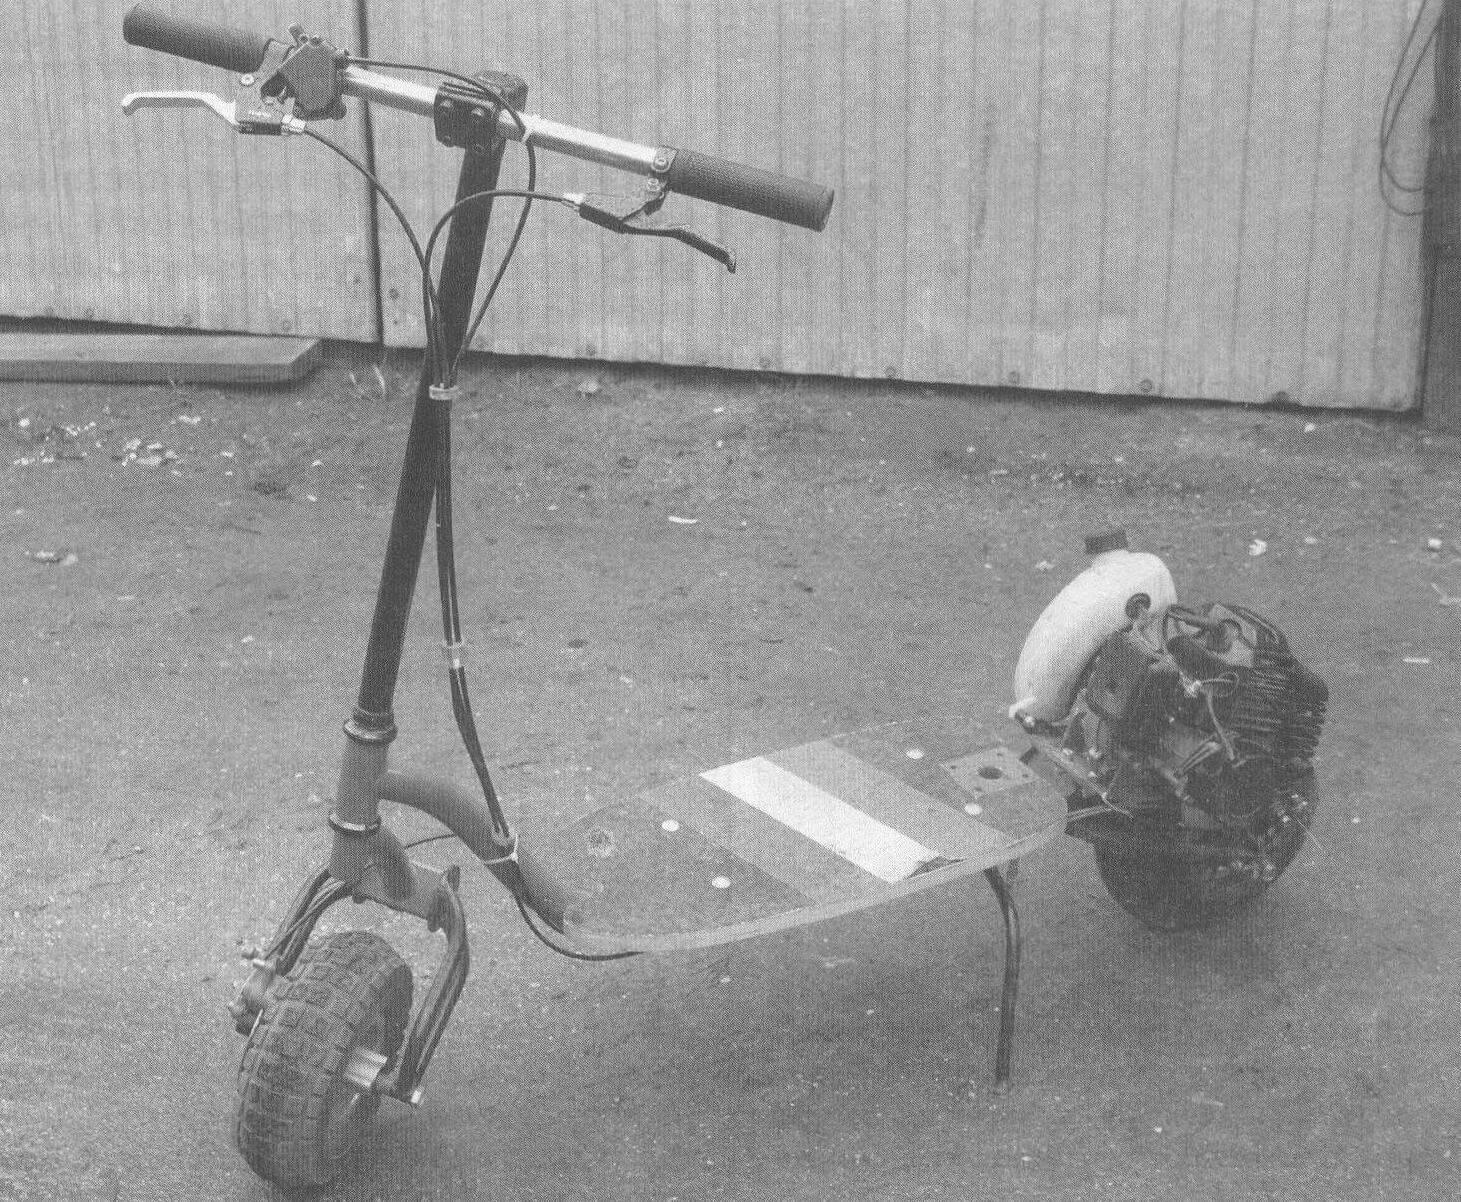 Подседельная стойка снята, поскольку конструктор этого транспортного средства убежден, что ездить стоя на нем намного азартнее